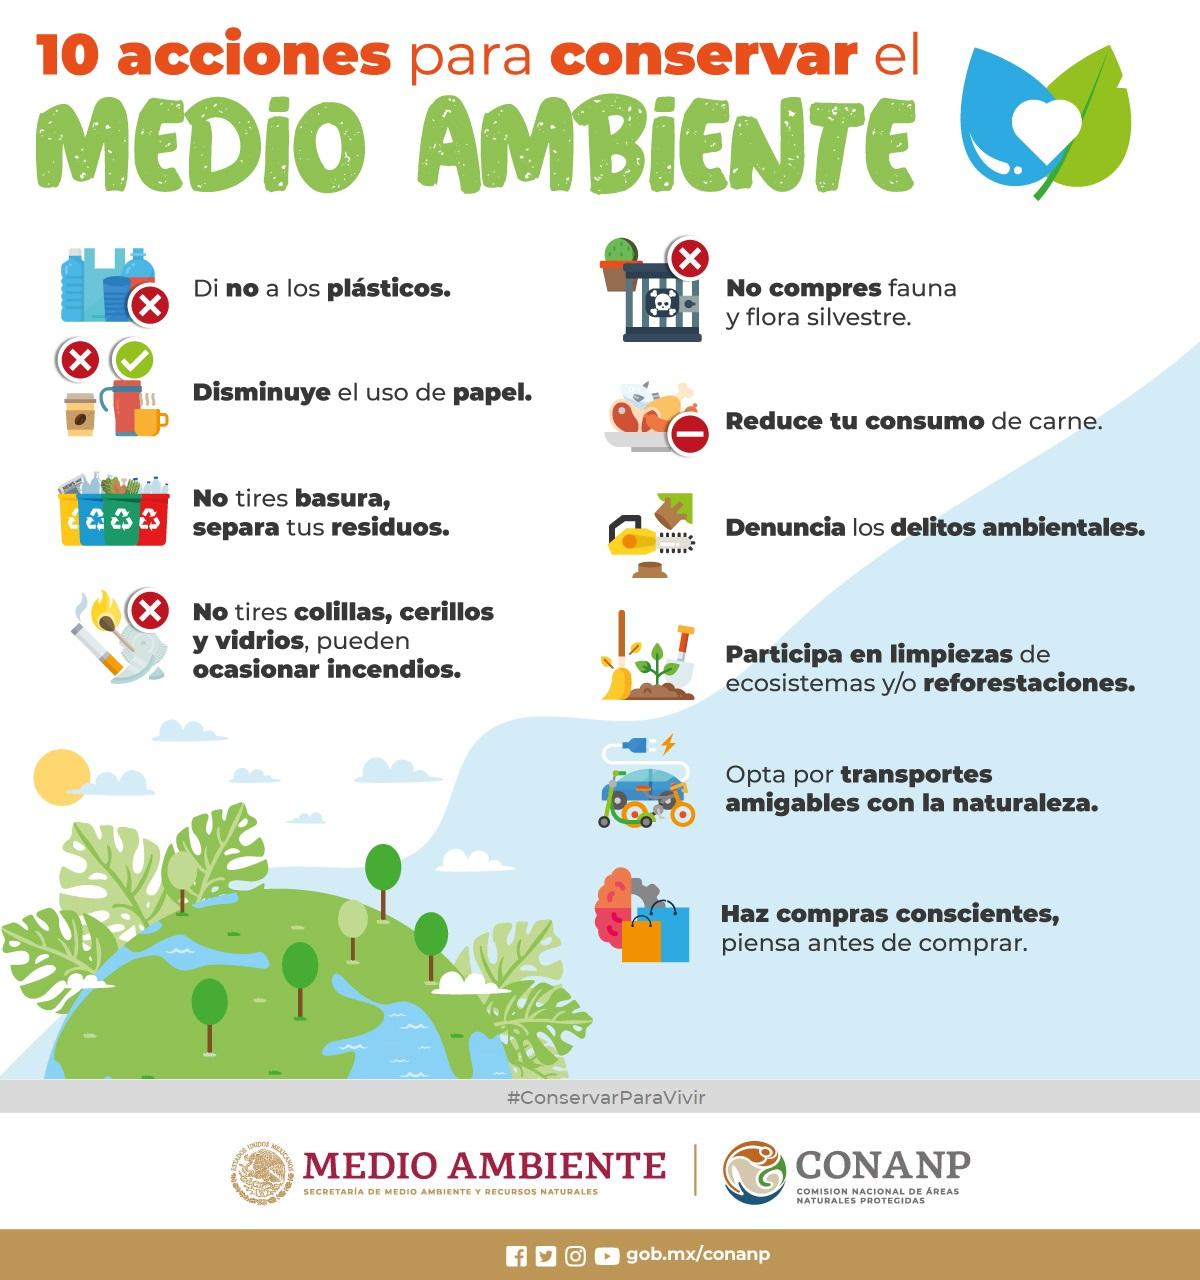 /cms/uploads/image/file/645310/Infograf_a-Acciones-Cuidado-MA_2.jpg